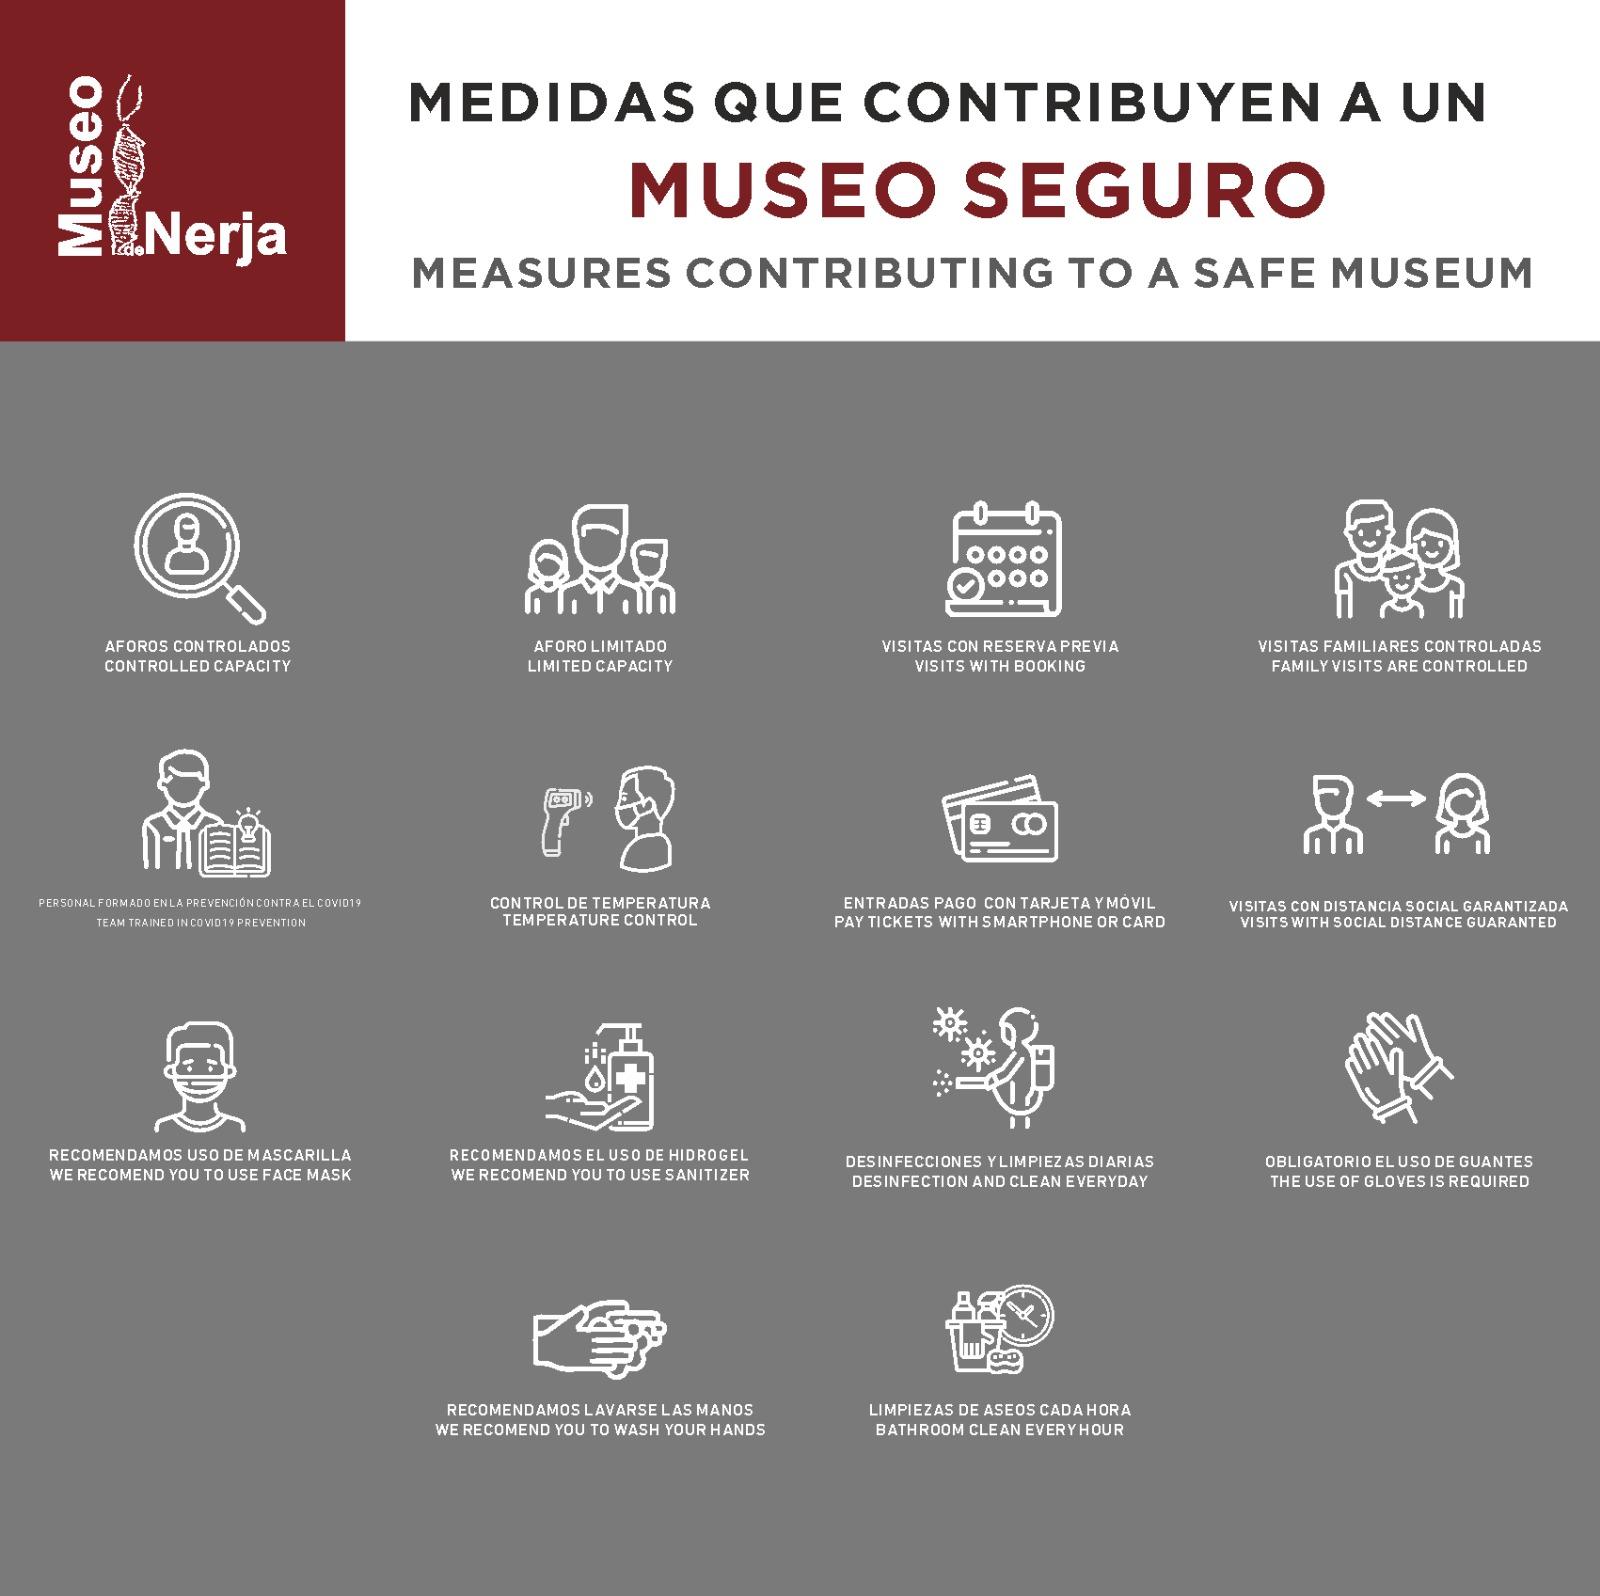 Medidas Museo Seguro frente a Covid 19